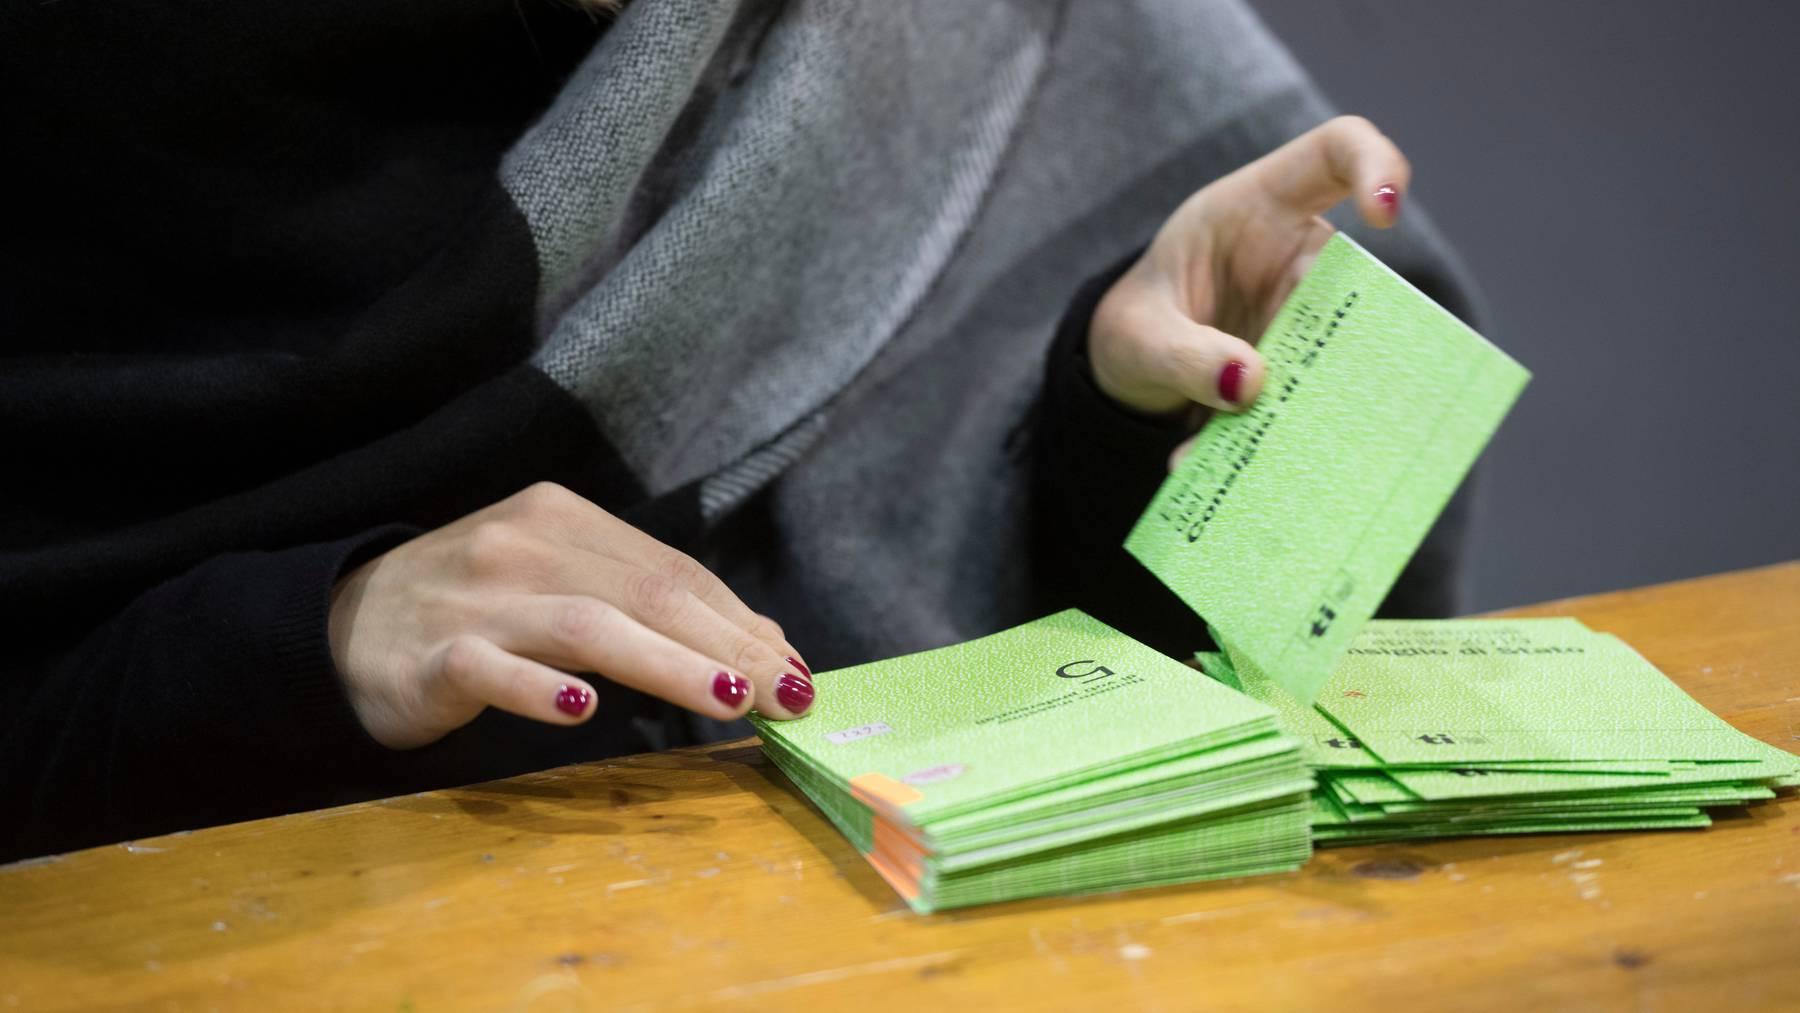 Die Tessiner Bevölkerung wird erst nächstes Jahr in den Gemeindewahlen abstimmen können. (Symbolbild)